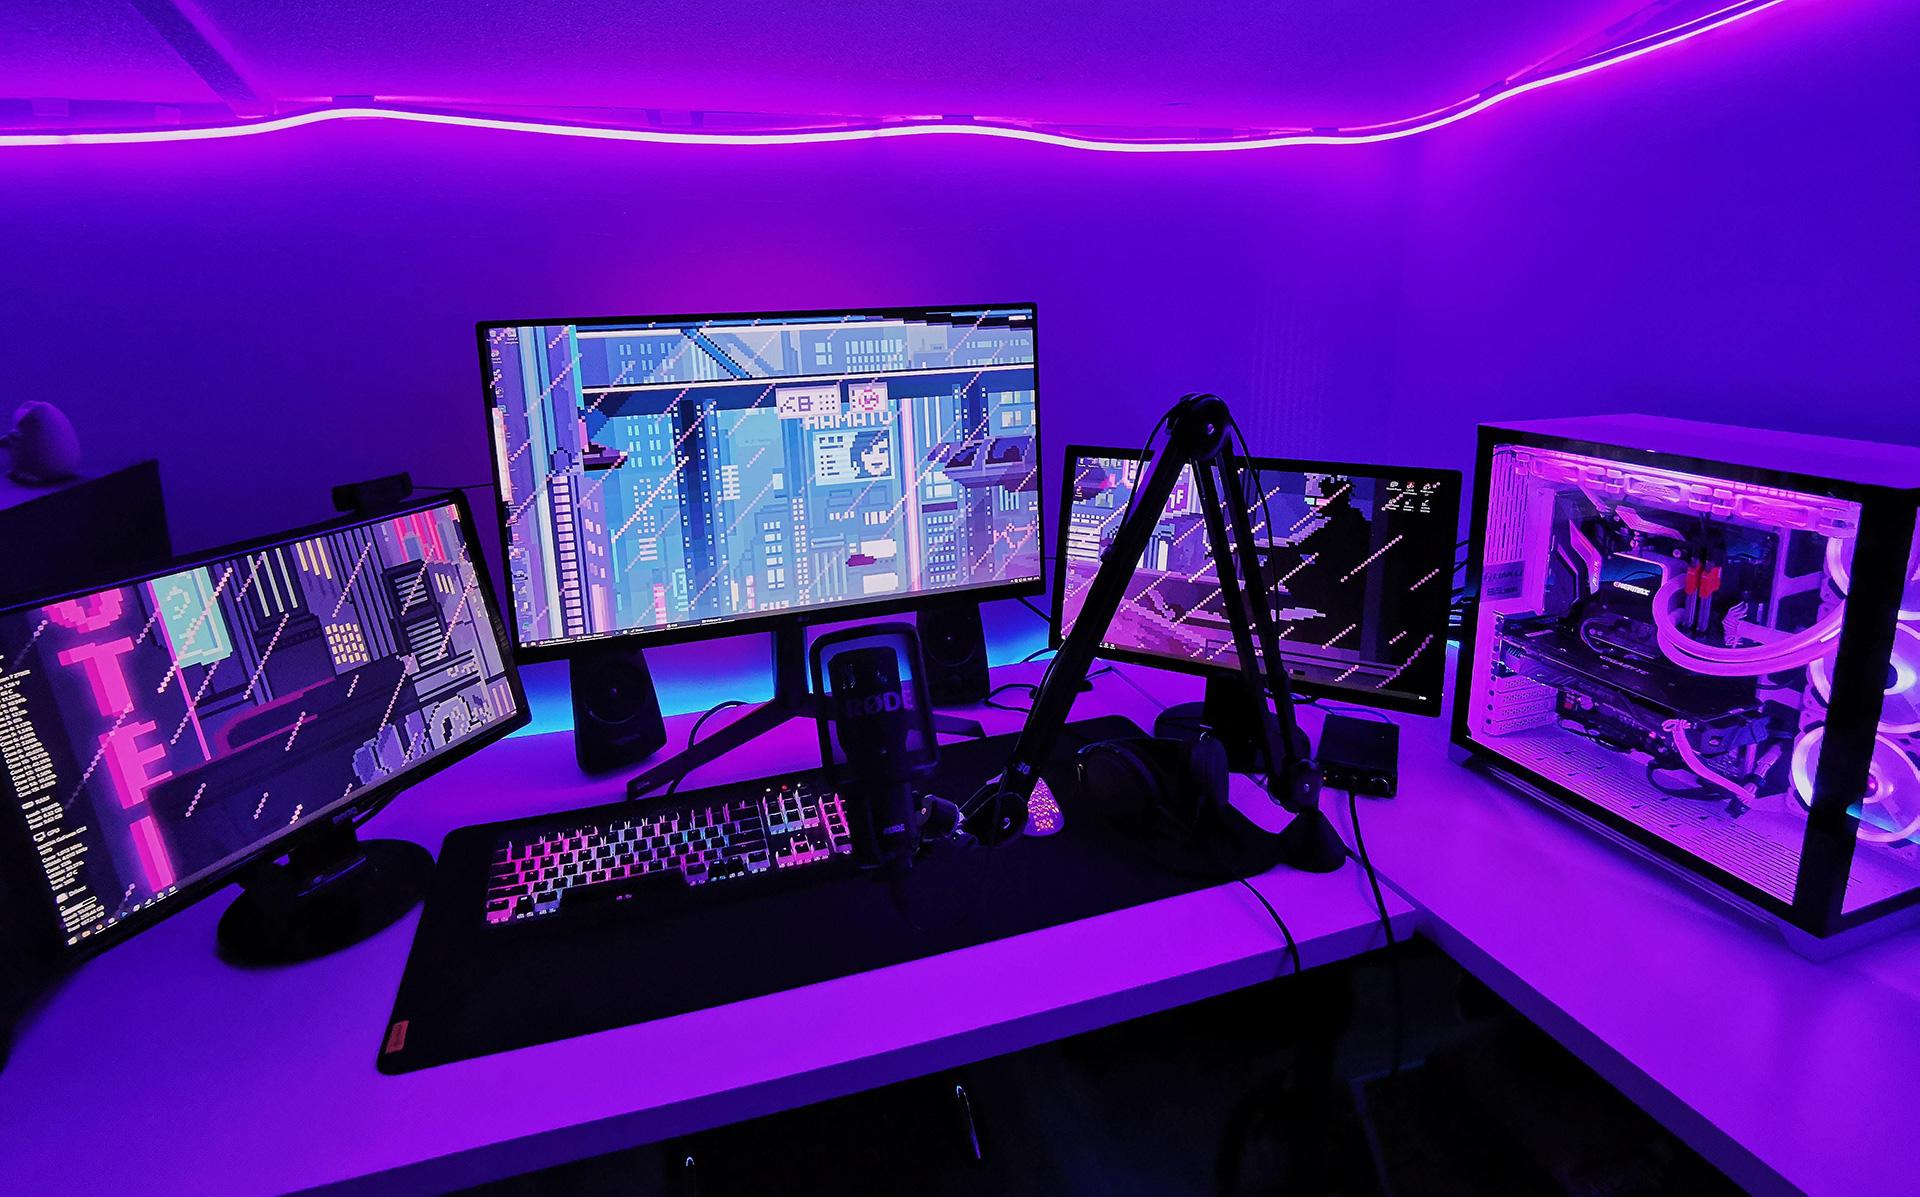 purple-gaming-set-up-1